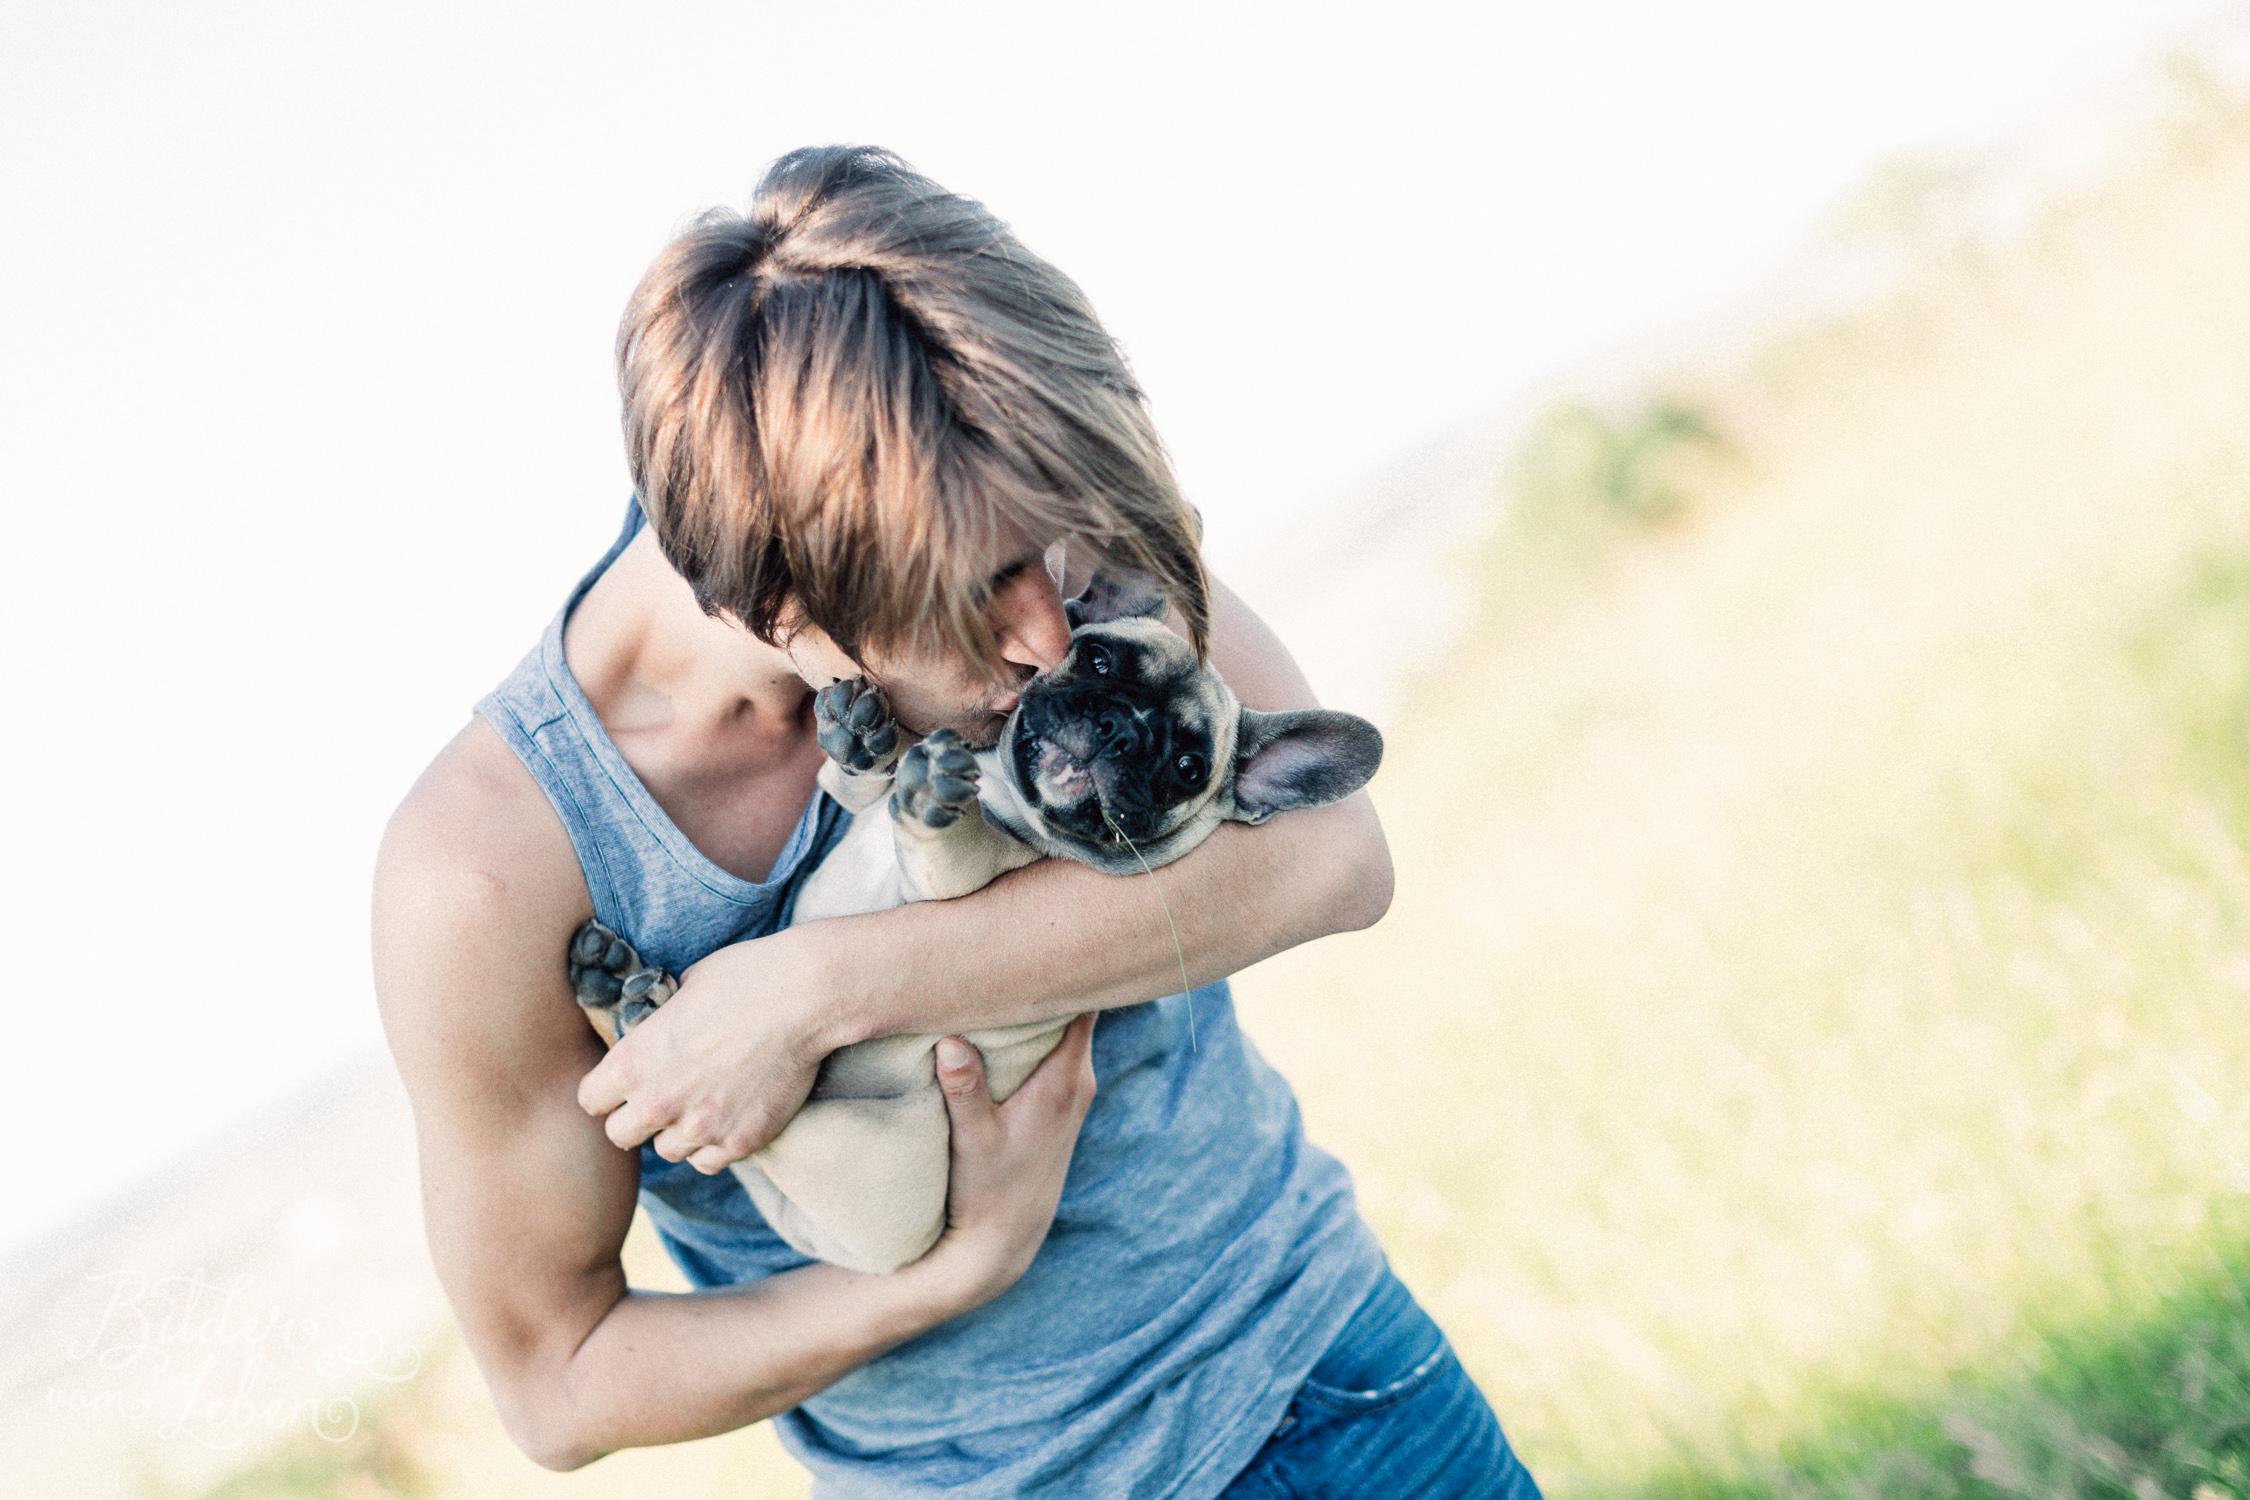 Franzoesische-Bulldogge-Portraits-BildervomLeben-2016-7535